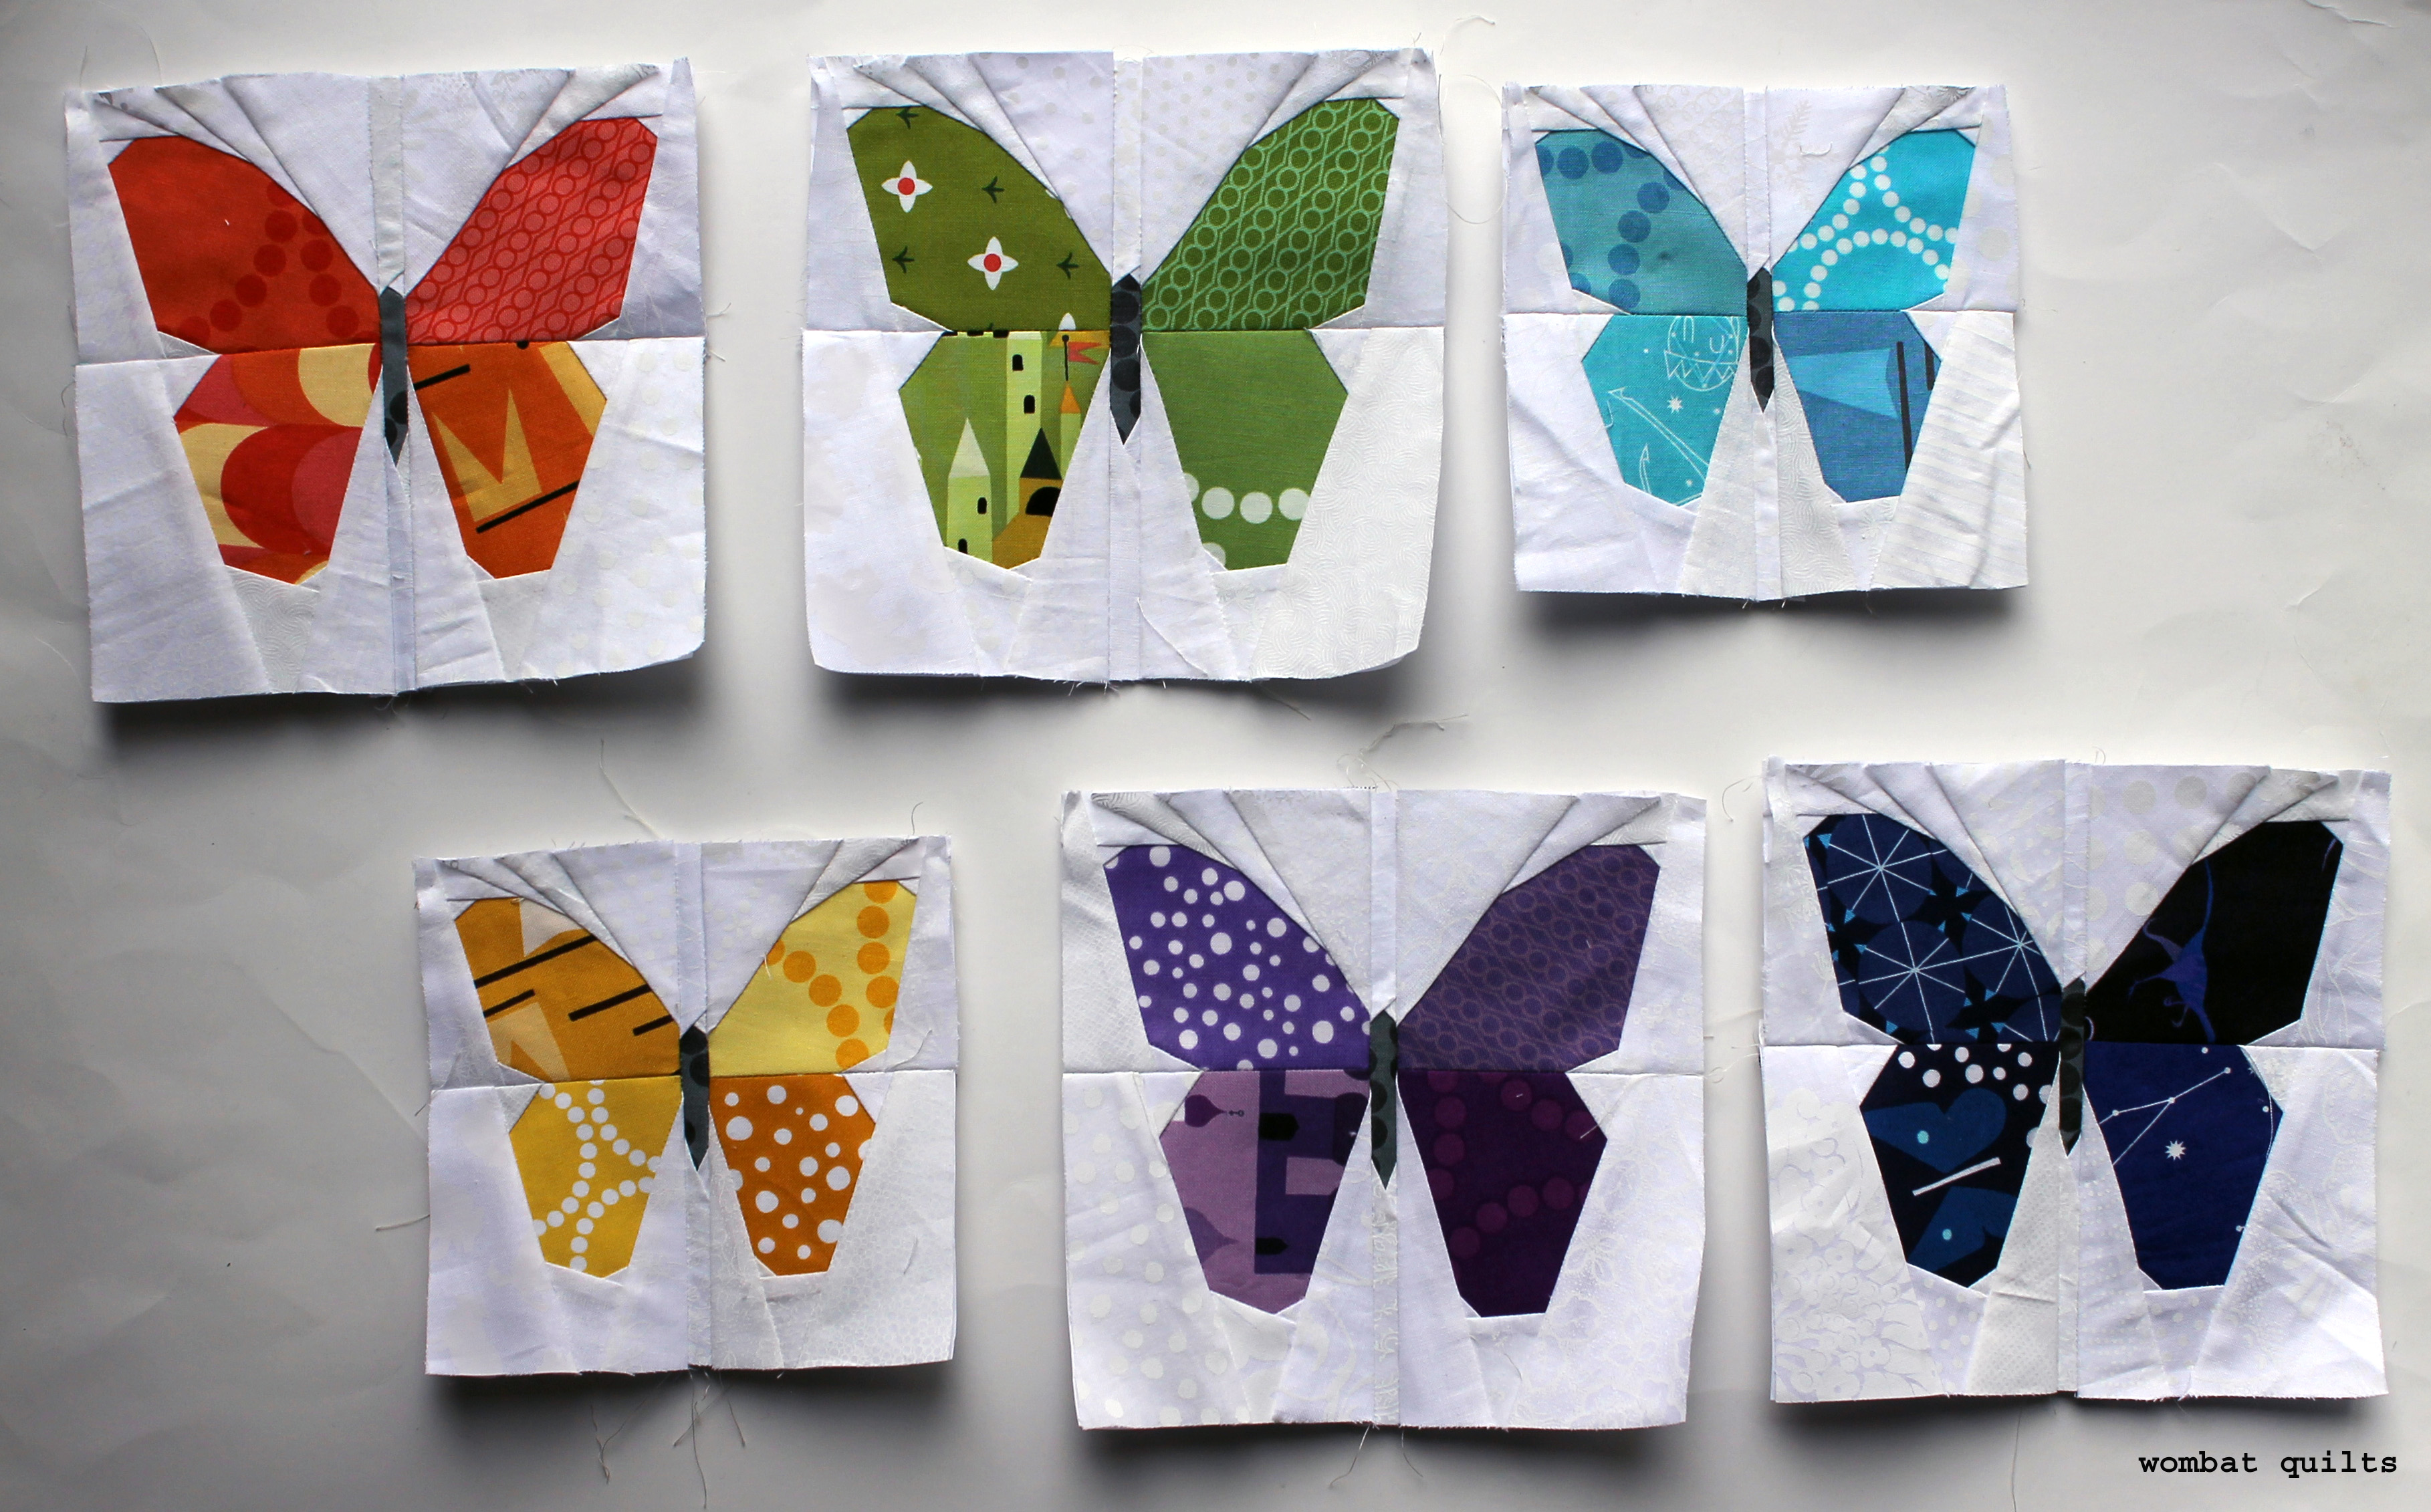 butterfly quilt block | WOMBAT QUILTS : butterfly quilt block pattern - Adamdwight.com